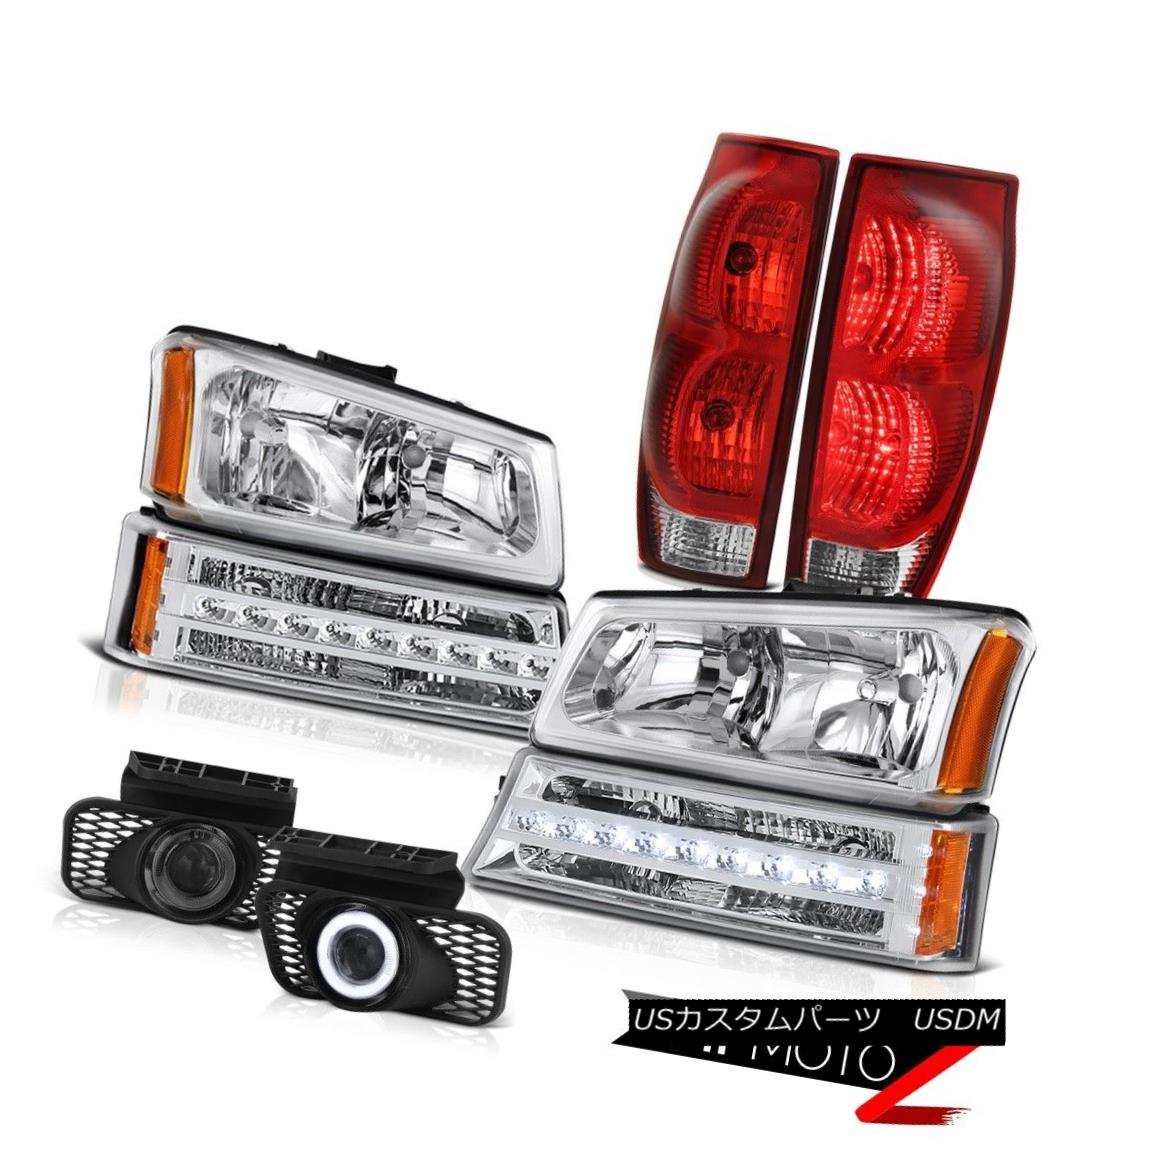 ヘッドライト 03 04 05 06 Avalanche Foglamps Taillamps Tail Lamps Turn Signal Headlights LED 03 04 05 06アバランシェフォグランプテールランプテールランプターンシグナルヘッドライトLED